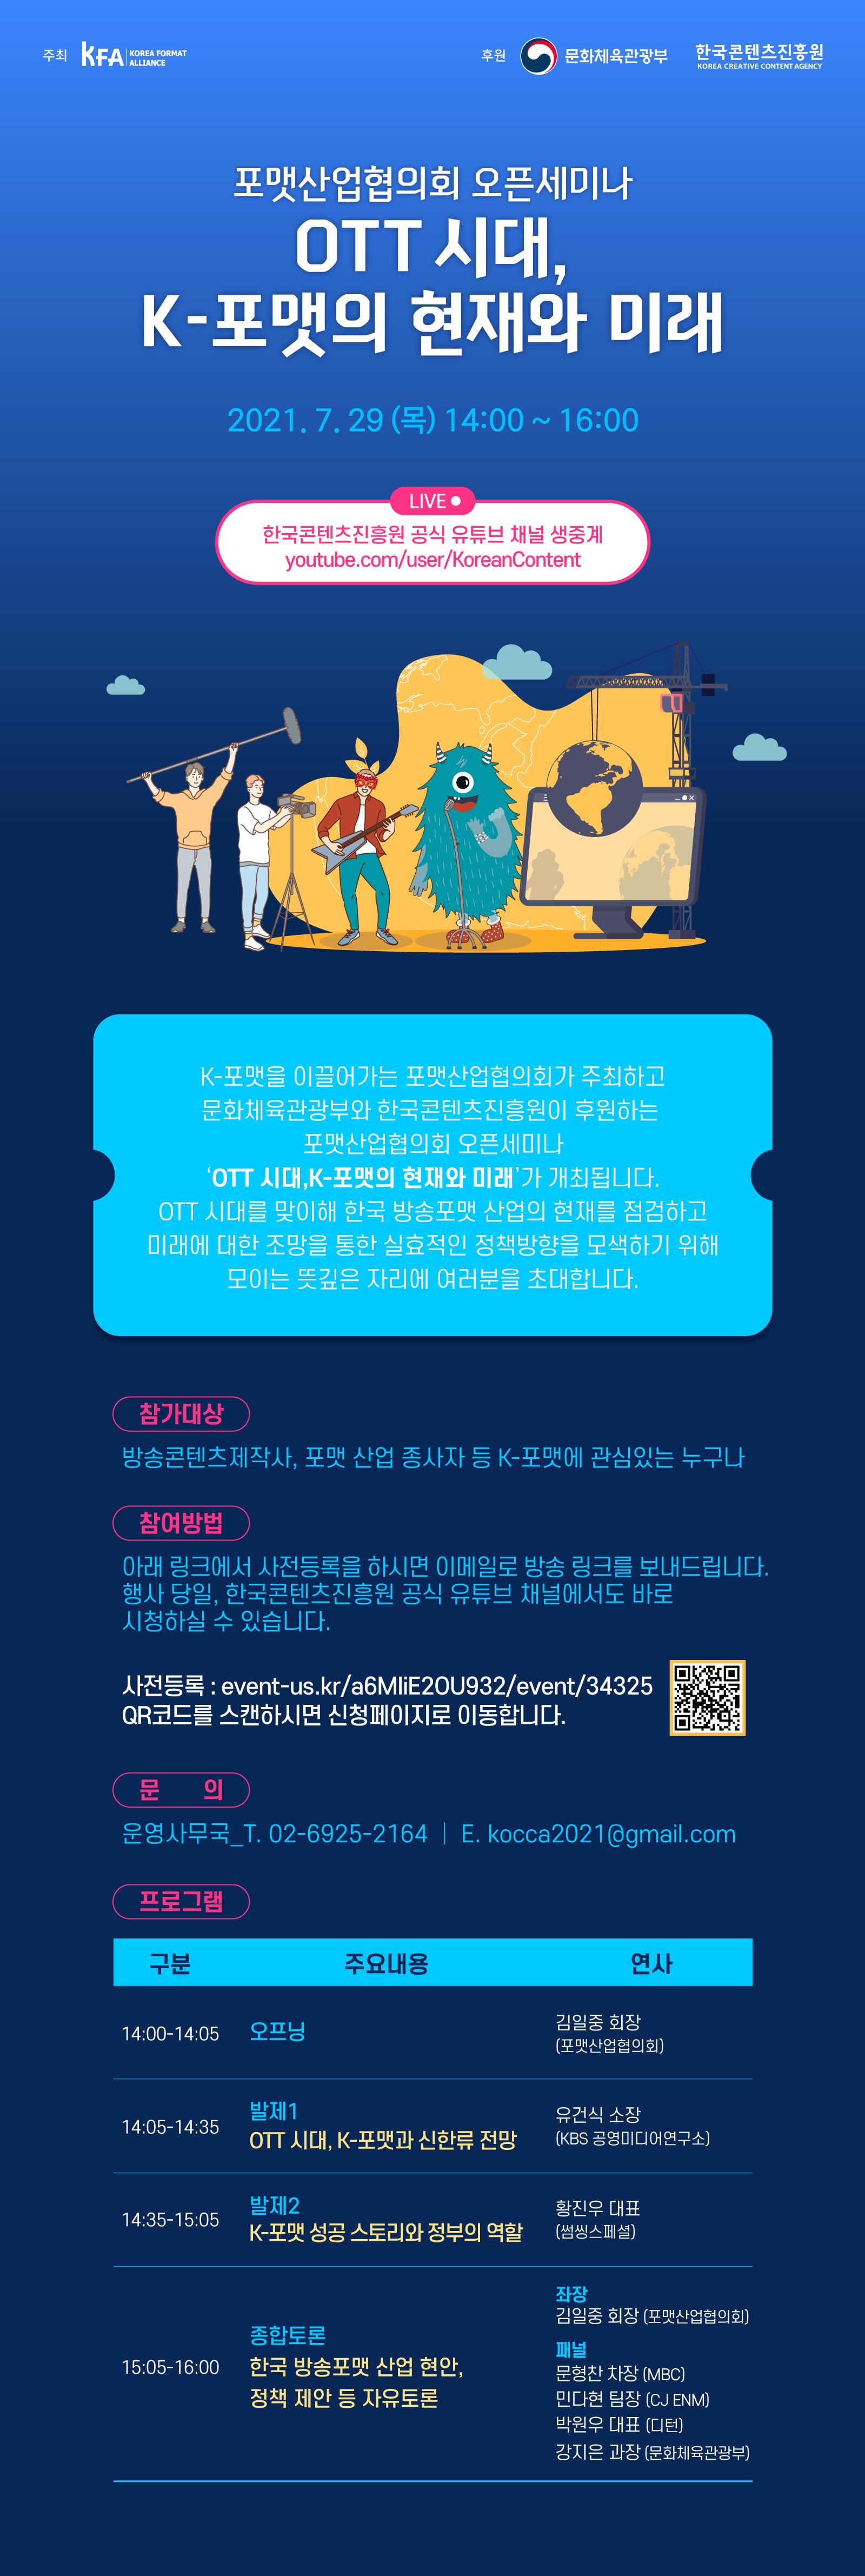 포맷산업협의회 오픈세미나 OTT 시대,  K-포맷의 현재와 미래 2021.7.29(목) 14:00~16:00  LIVE 한국콘텐츠진흥원 공식 유튜브 채널 생중계 youtube.com/user/KoreanContent  K-포맷을 이끌어가는 포맷산업협의회가 주최하고  문화체육관광부와 한국콘텐츠진흥원이 후원하는  포맷산업협의회 오픈세미나 'OTT 시대, K-포맷의 현재와 미래'가 개최됩니다. OTT 시대를 맞이해 한국 방송포맷 산업의 현재를 점검하고  미래에 대한 조망을 통한 실효적인 정책방향을 모색하기 위해 모이는 뜻깊은 자리에 여러분을 초대합니다.  참가대상 방송콘텐츠제작사, 포맷 산업 종사자 등 K-포맷에 관심있는 누구나  참여방법 아래 링크에서 사전등록을 하시면 이메일로 방송 링크를 보내드리빈다. 행사 당일, 한국콘텐츠진흥원 공식 유튜브 채널에서도 바로 시청하실 수 있습니다.  사전등록 : event-us.kr/26MliE2OU932/event/34325 QR코드를 스캔하시면 신청페이지로 이동합니다.  문의 운영사무국_T. 02-6925-2164 | E. kocca2021@gmail.com  프로그램 구분 주요내용 연사 14:00~14:05 오프닝 김일중 회장(포맷산업협의회) 14:05~14:35 발제1 OTT 시대, K-포맷과 신한류 전망 유건식 소장 (KBS 공영미디어연구소) 14:35~15:05 발제2 K-포맷 성공 스토리와 정부의 역할 황진우 대표 (썸씽스페셜) 15:05~16:00 종합토론 한국 방송포맷 산업 현안, 정책 제안 등 자유토론 좌장 김일중 회장(포맷산업협의회) 패널 문형찬 차장 (MBC) 민다현 팀장 (CJ ENM) 박원우 대표 (디턴) 강지은 과장 (문화체육관광부)